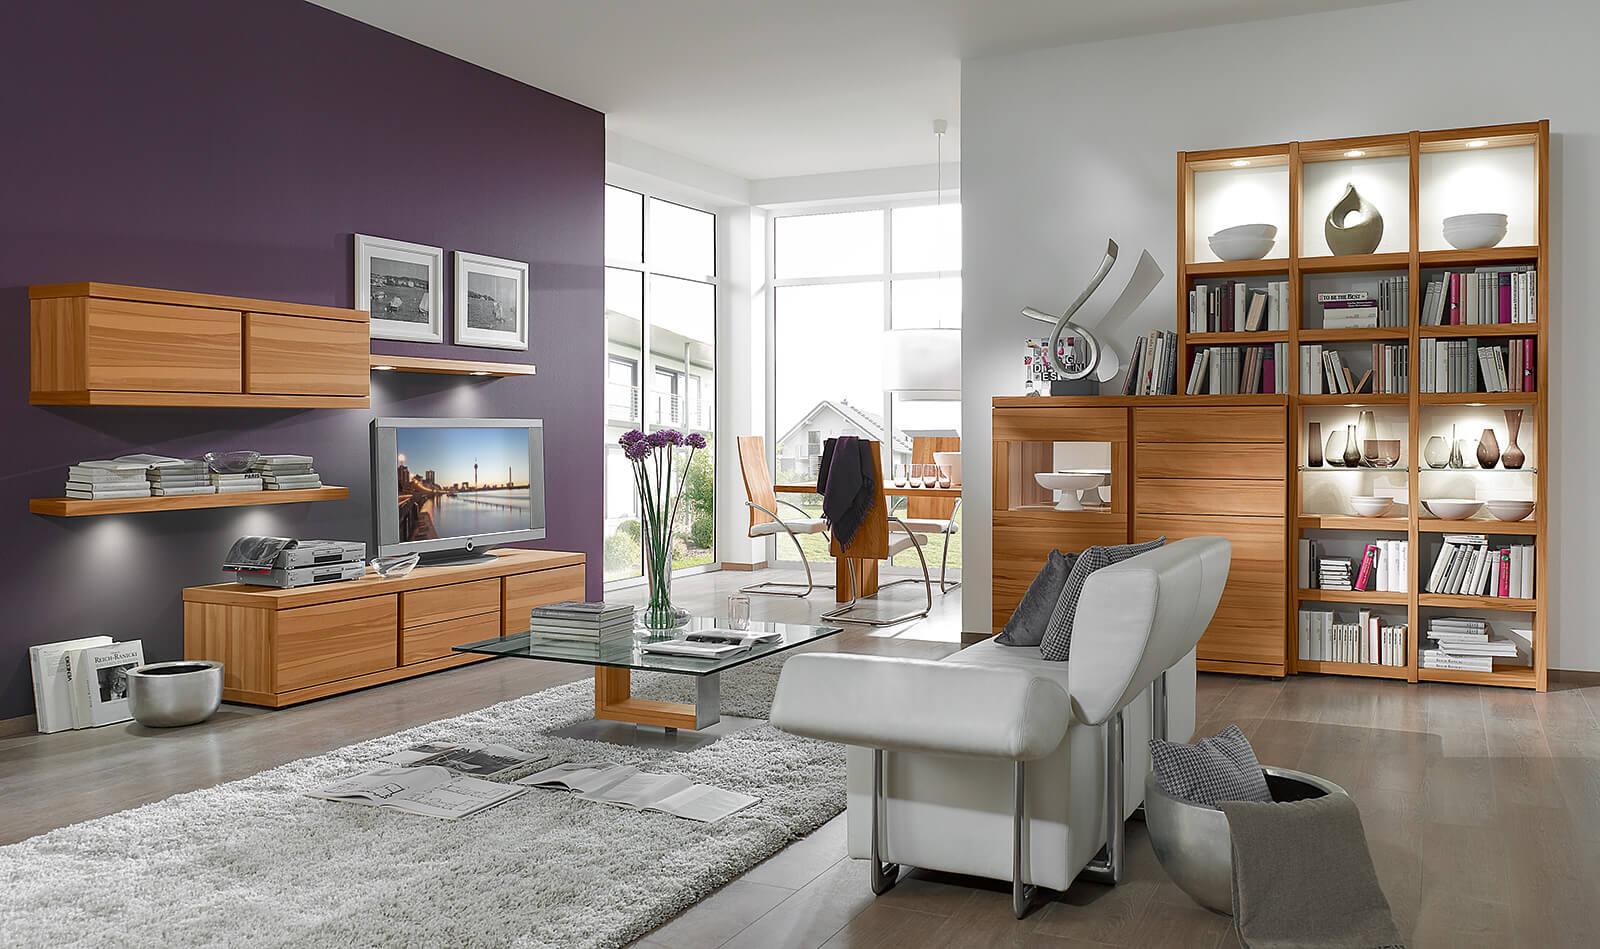 wohnzimmer - programme - v-plus 6.0 - venjakob möbel - vorsprung ... - Wohnzimmer Design Programm